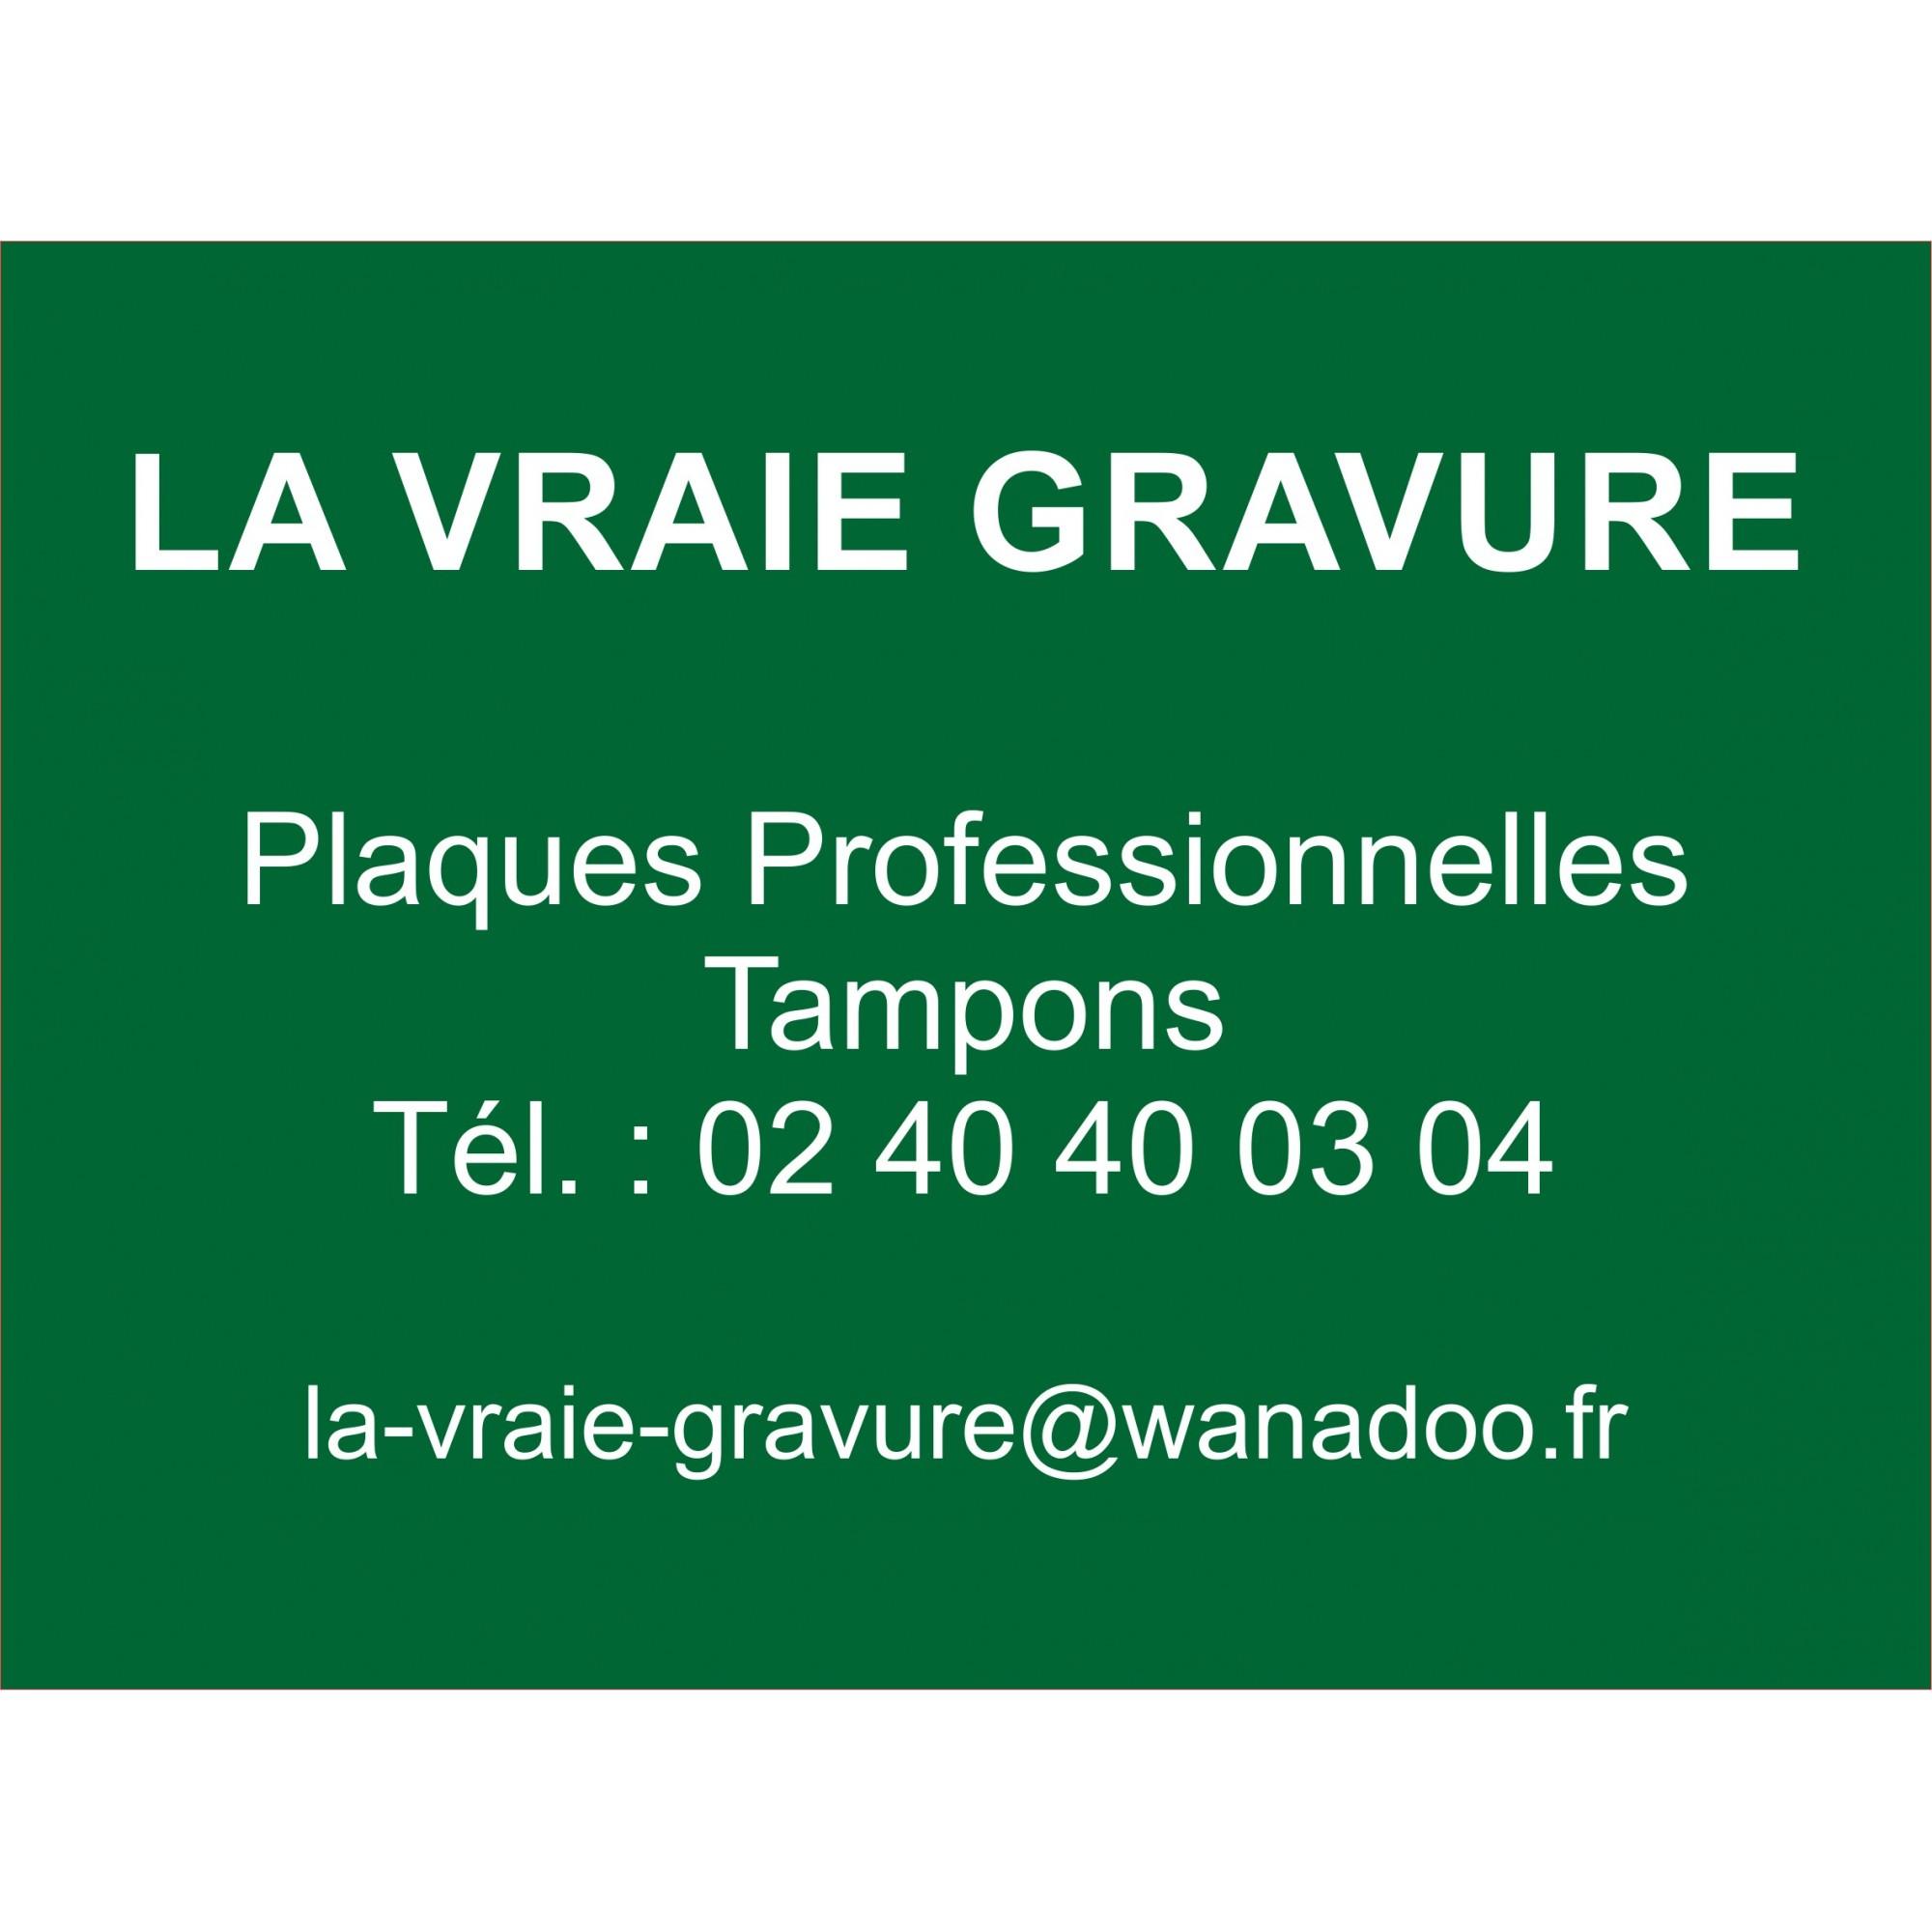 PLAQUE PLEXI GRAVEE 30x20 CM COULEUR